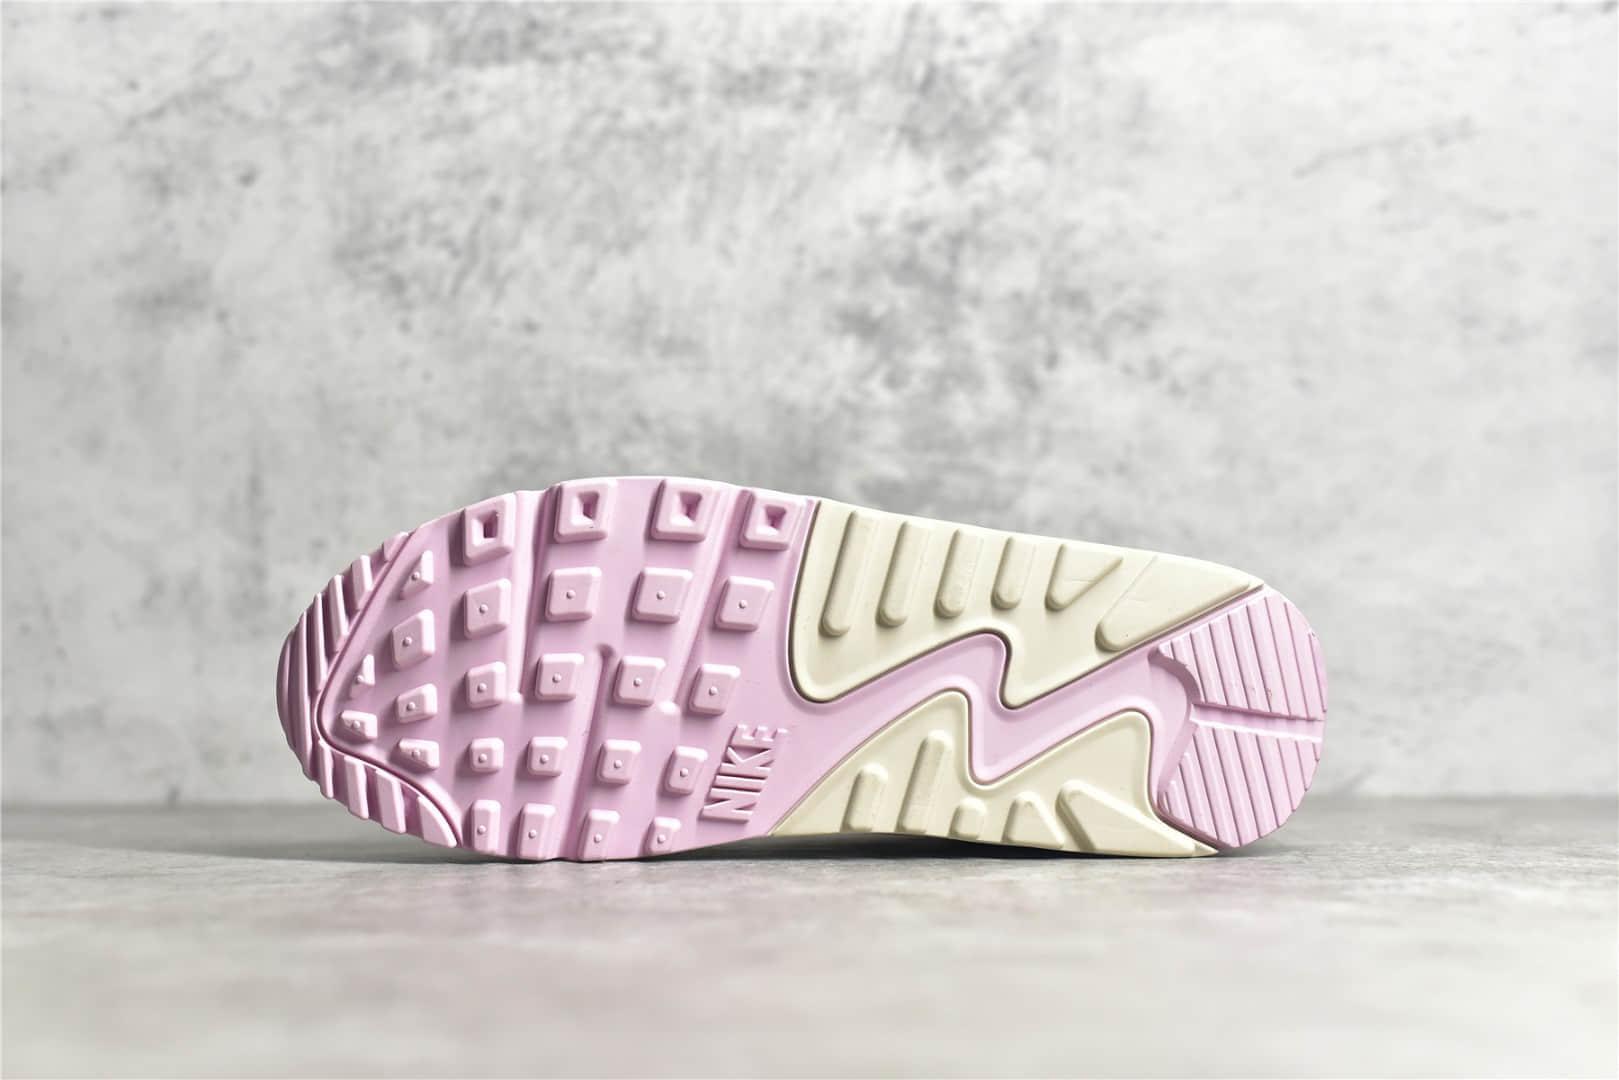 耐克MAX90奶昔 耐克气垫跑鞋纯原版本 Nike Air Max 90 粉白 奶希 货号:CT1873-100-潮流者之家